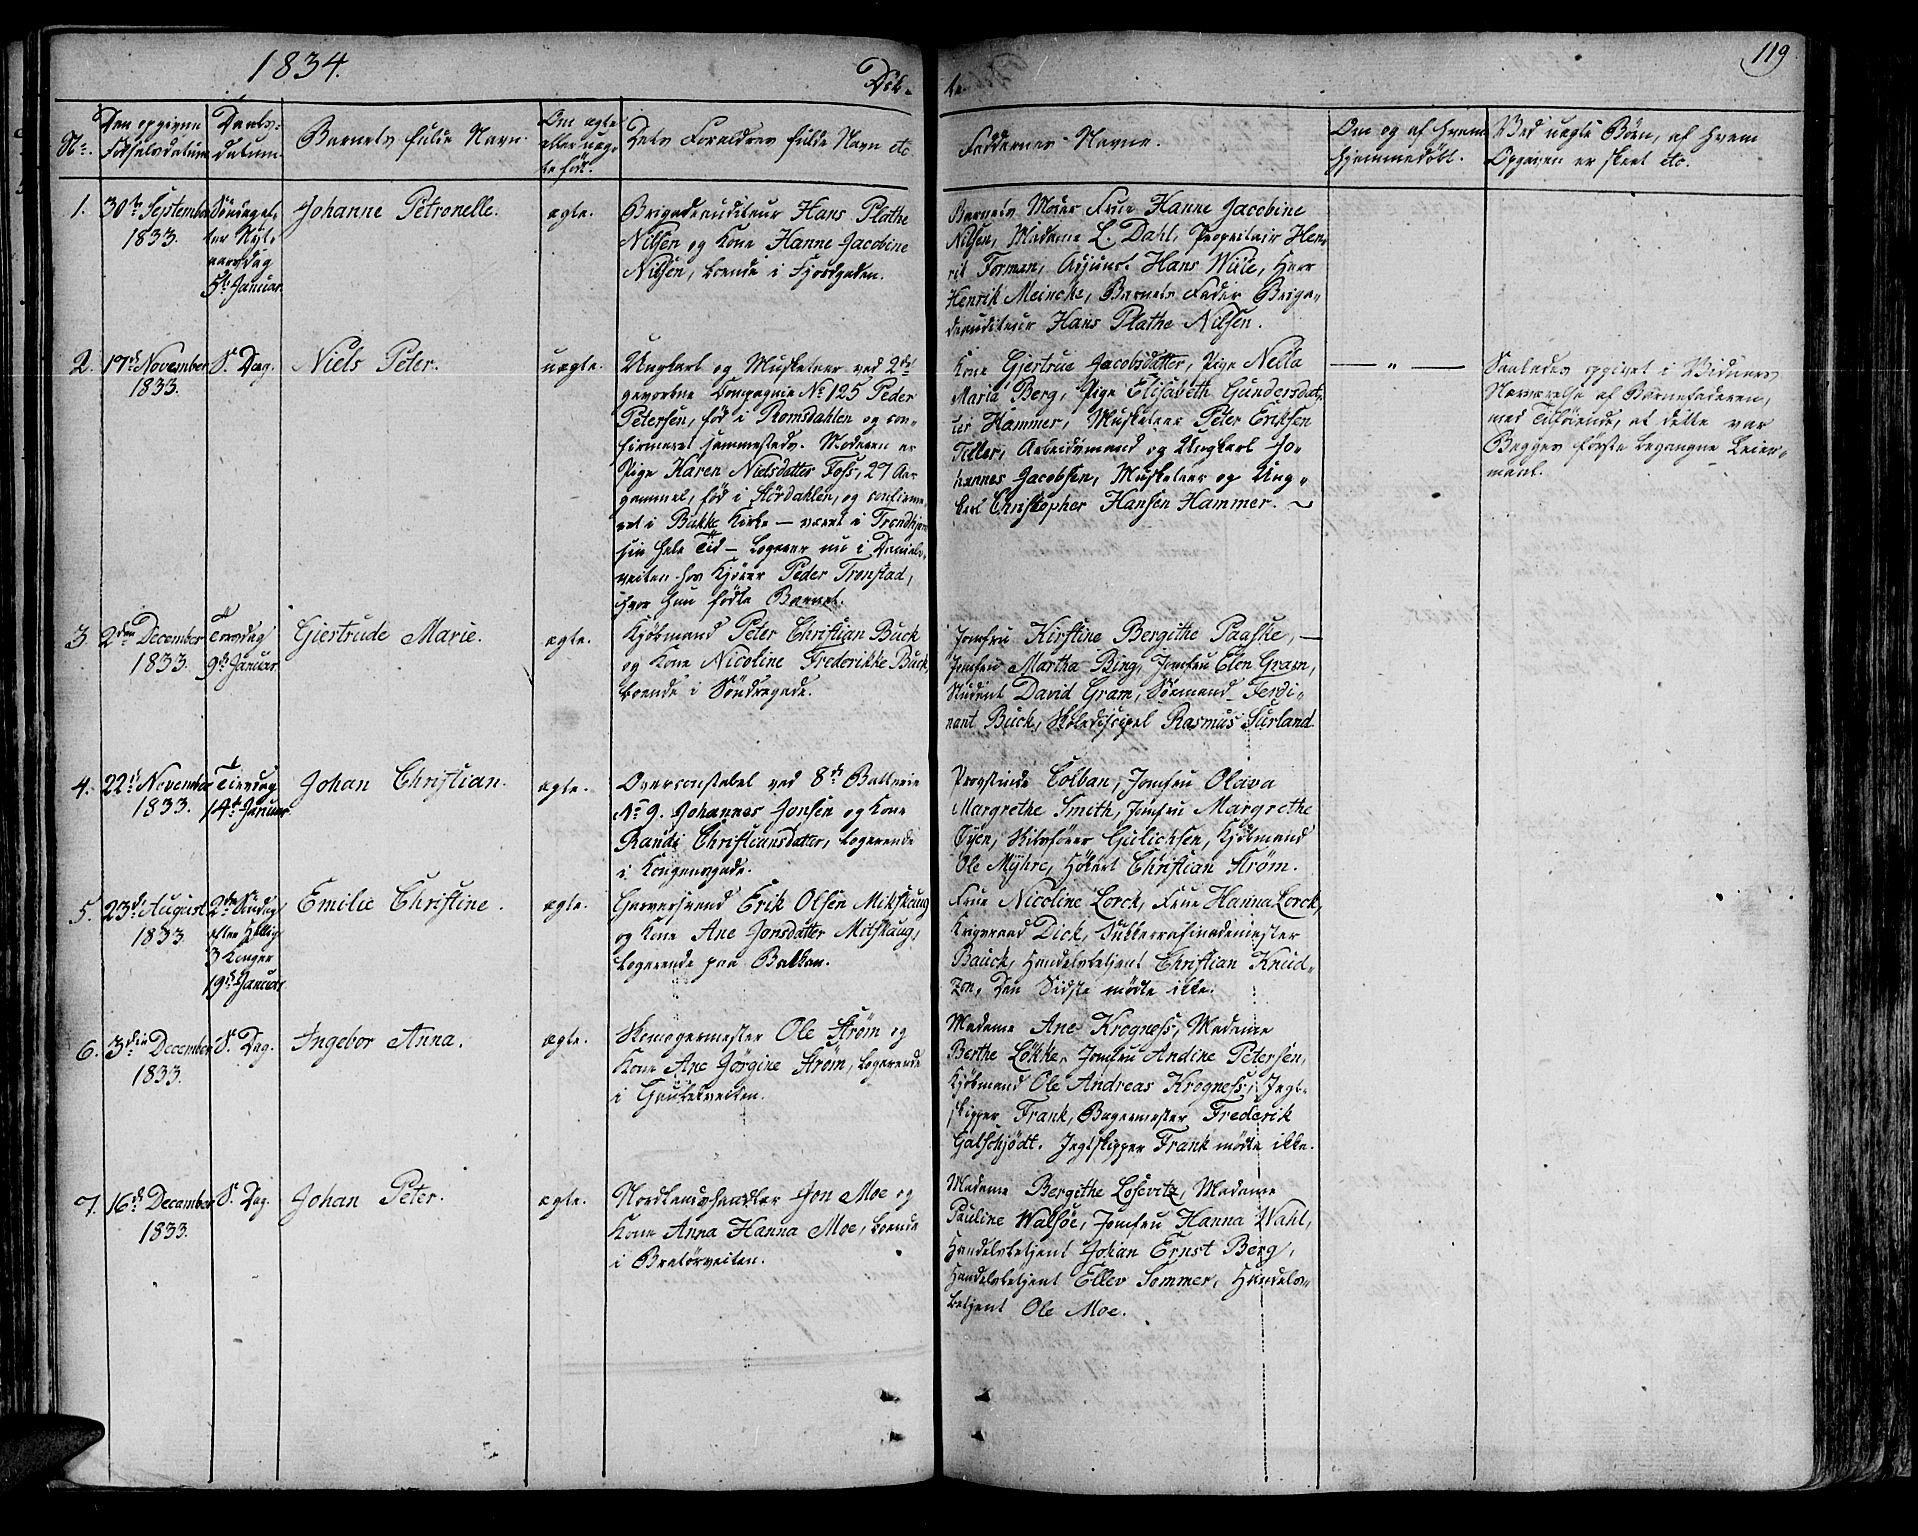 SAT, Ministerialprotokoller, klokkerbøker og fødselsregistre - Sør-Trøndelag, 602/L0108: Ministerialbok nr. 602A06, 1821-1839, s. 119